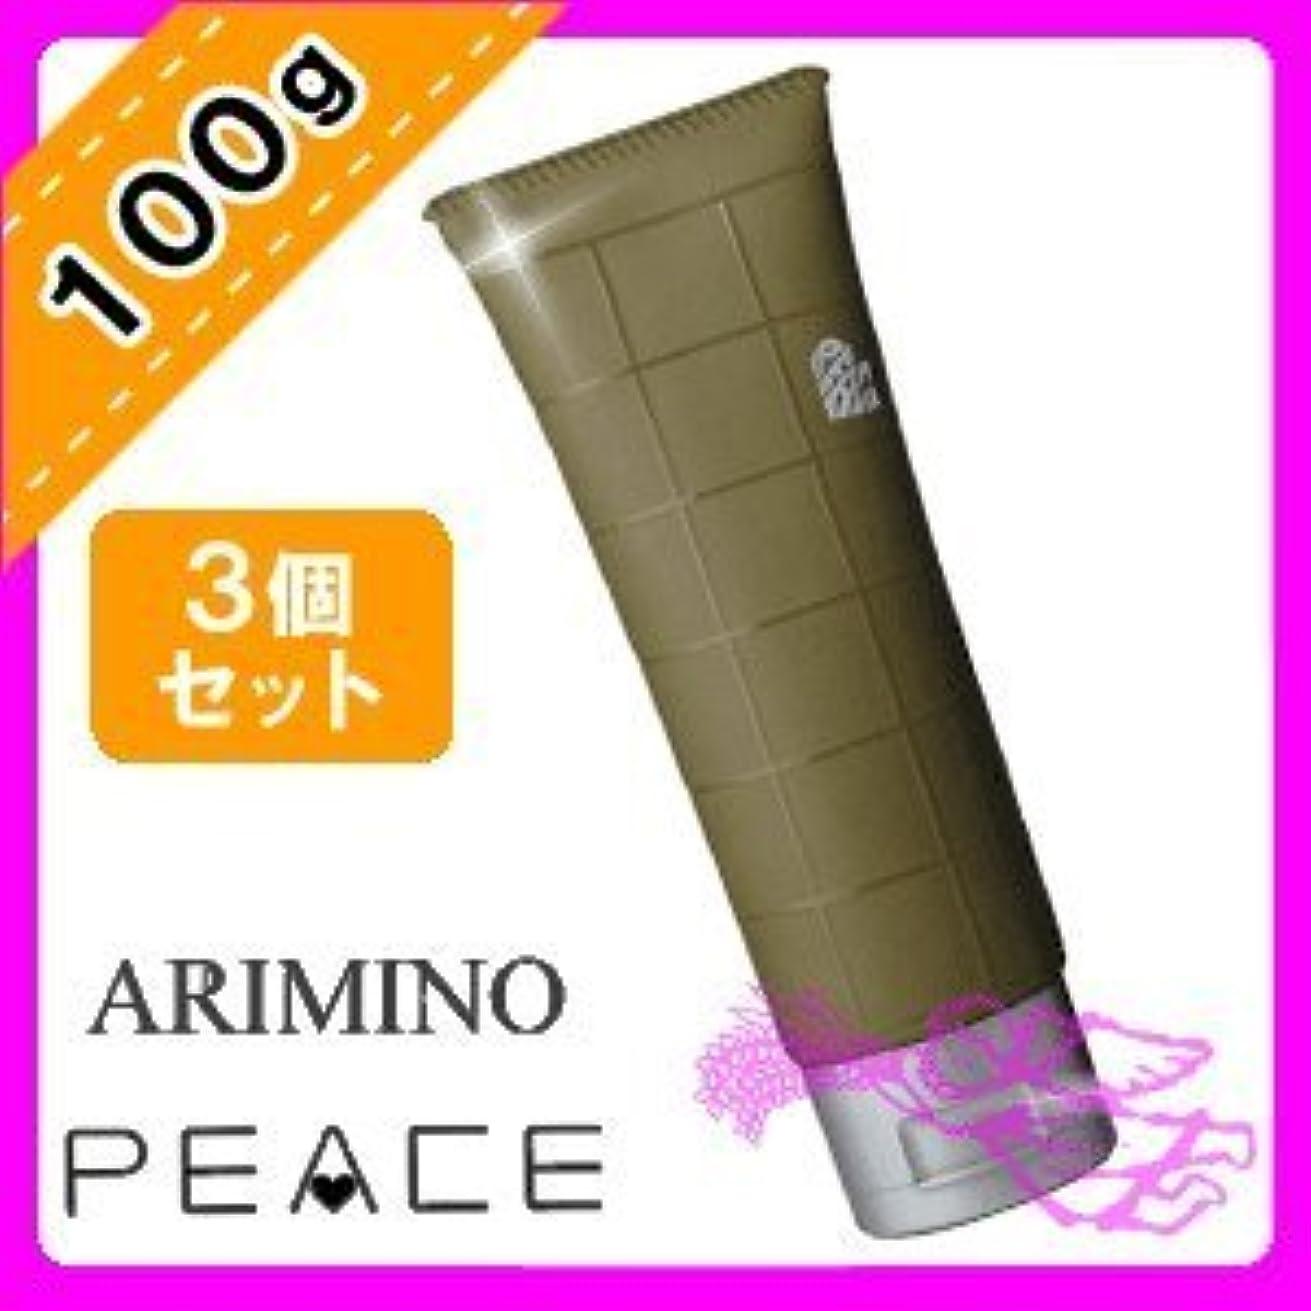 試みる踏みつけ揮発性アリミノ ピース ウェットオイル ワックス 100g ×3個セット arimino PEACE